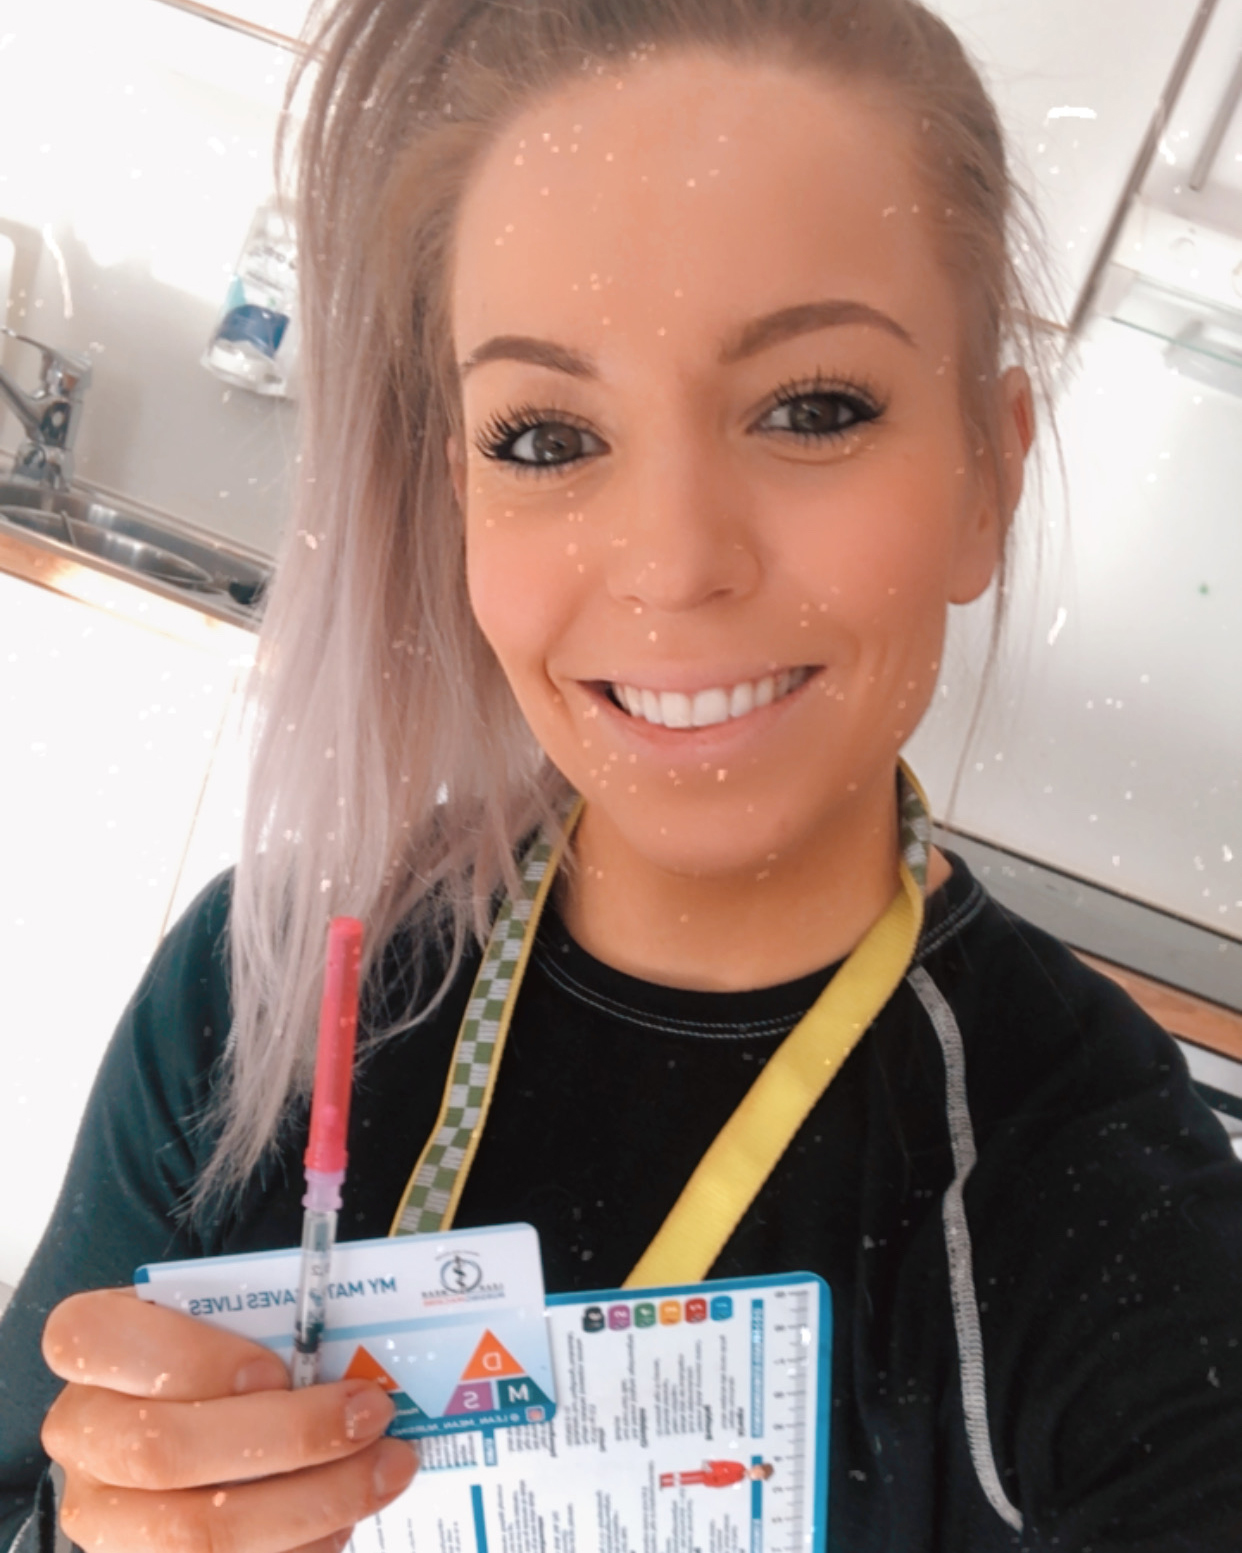 Ambulansearbeider Anne Kari med medisinske referansekort fra Cingulum